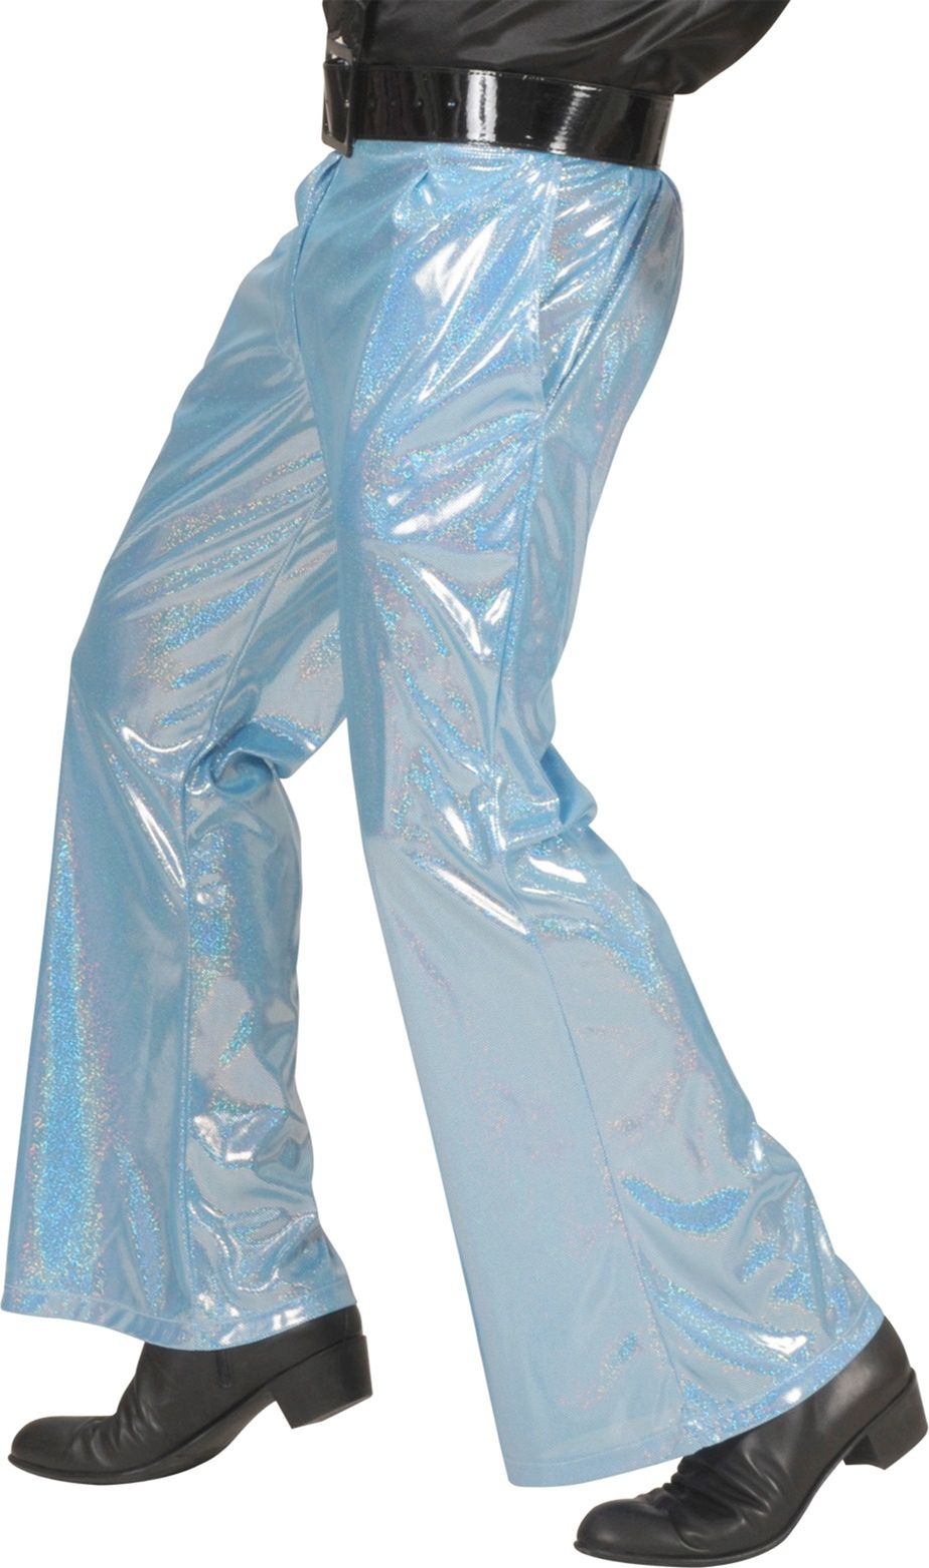 Blauwe holografische broek